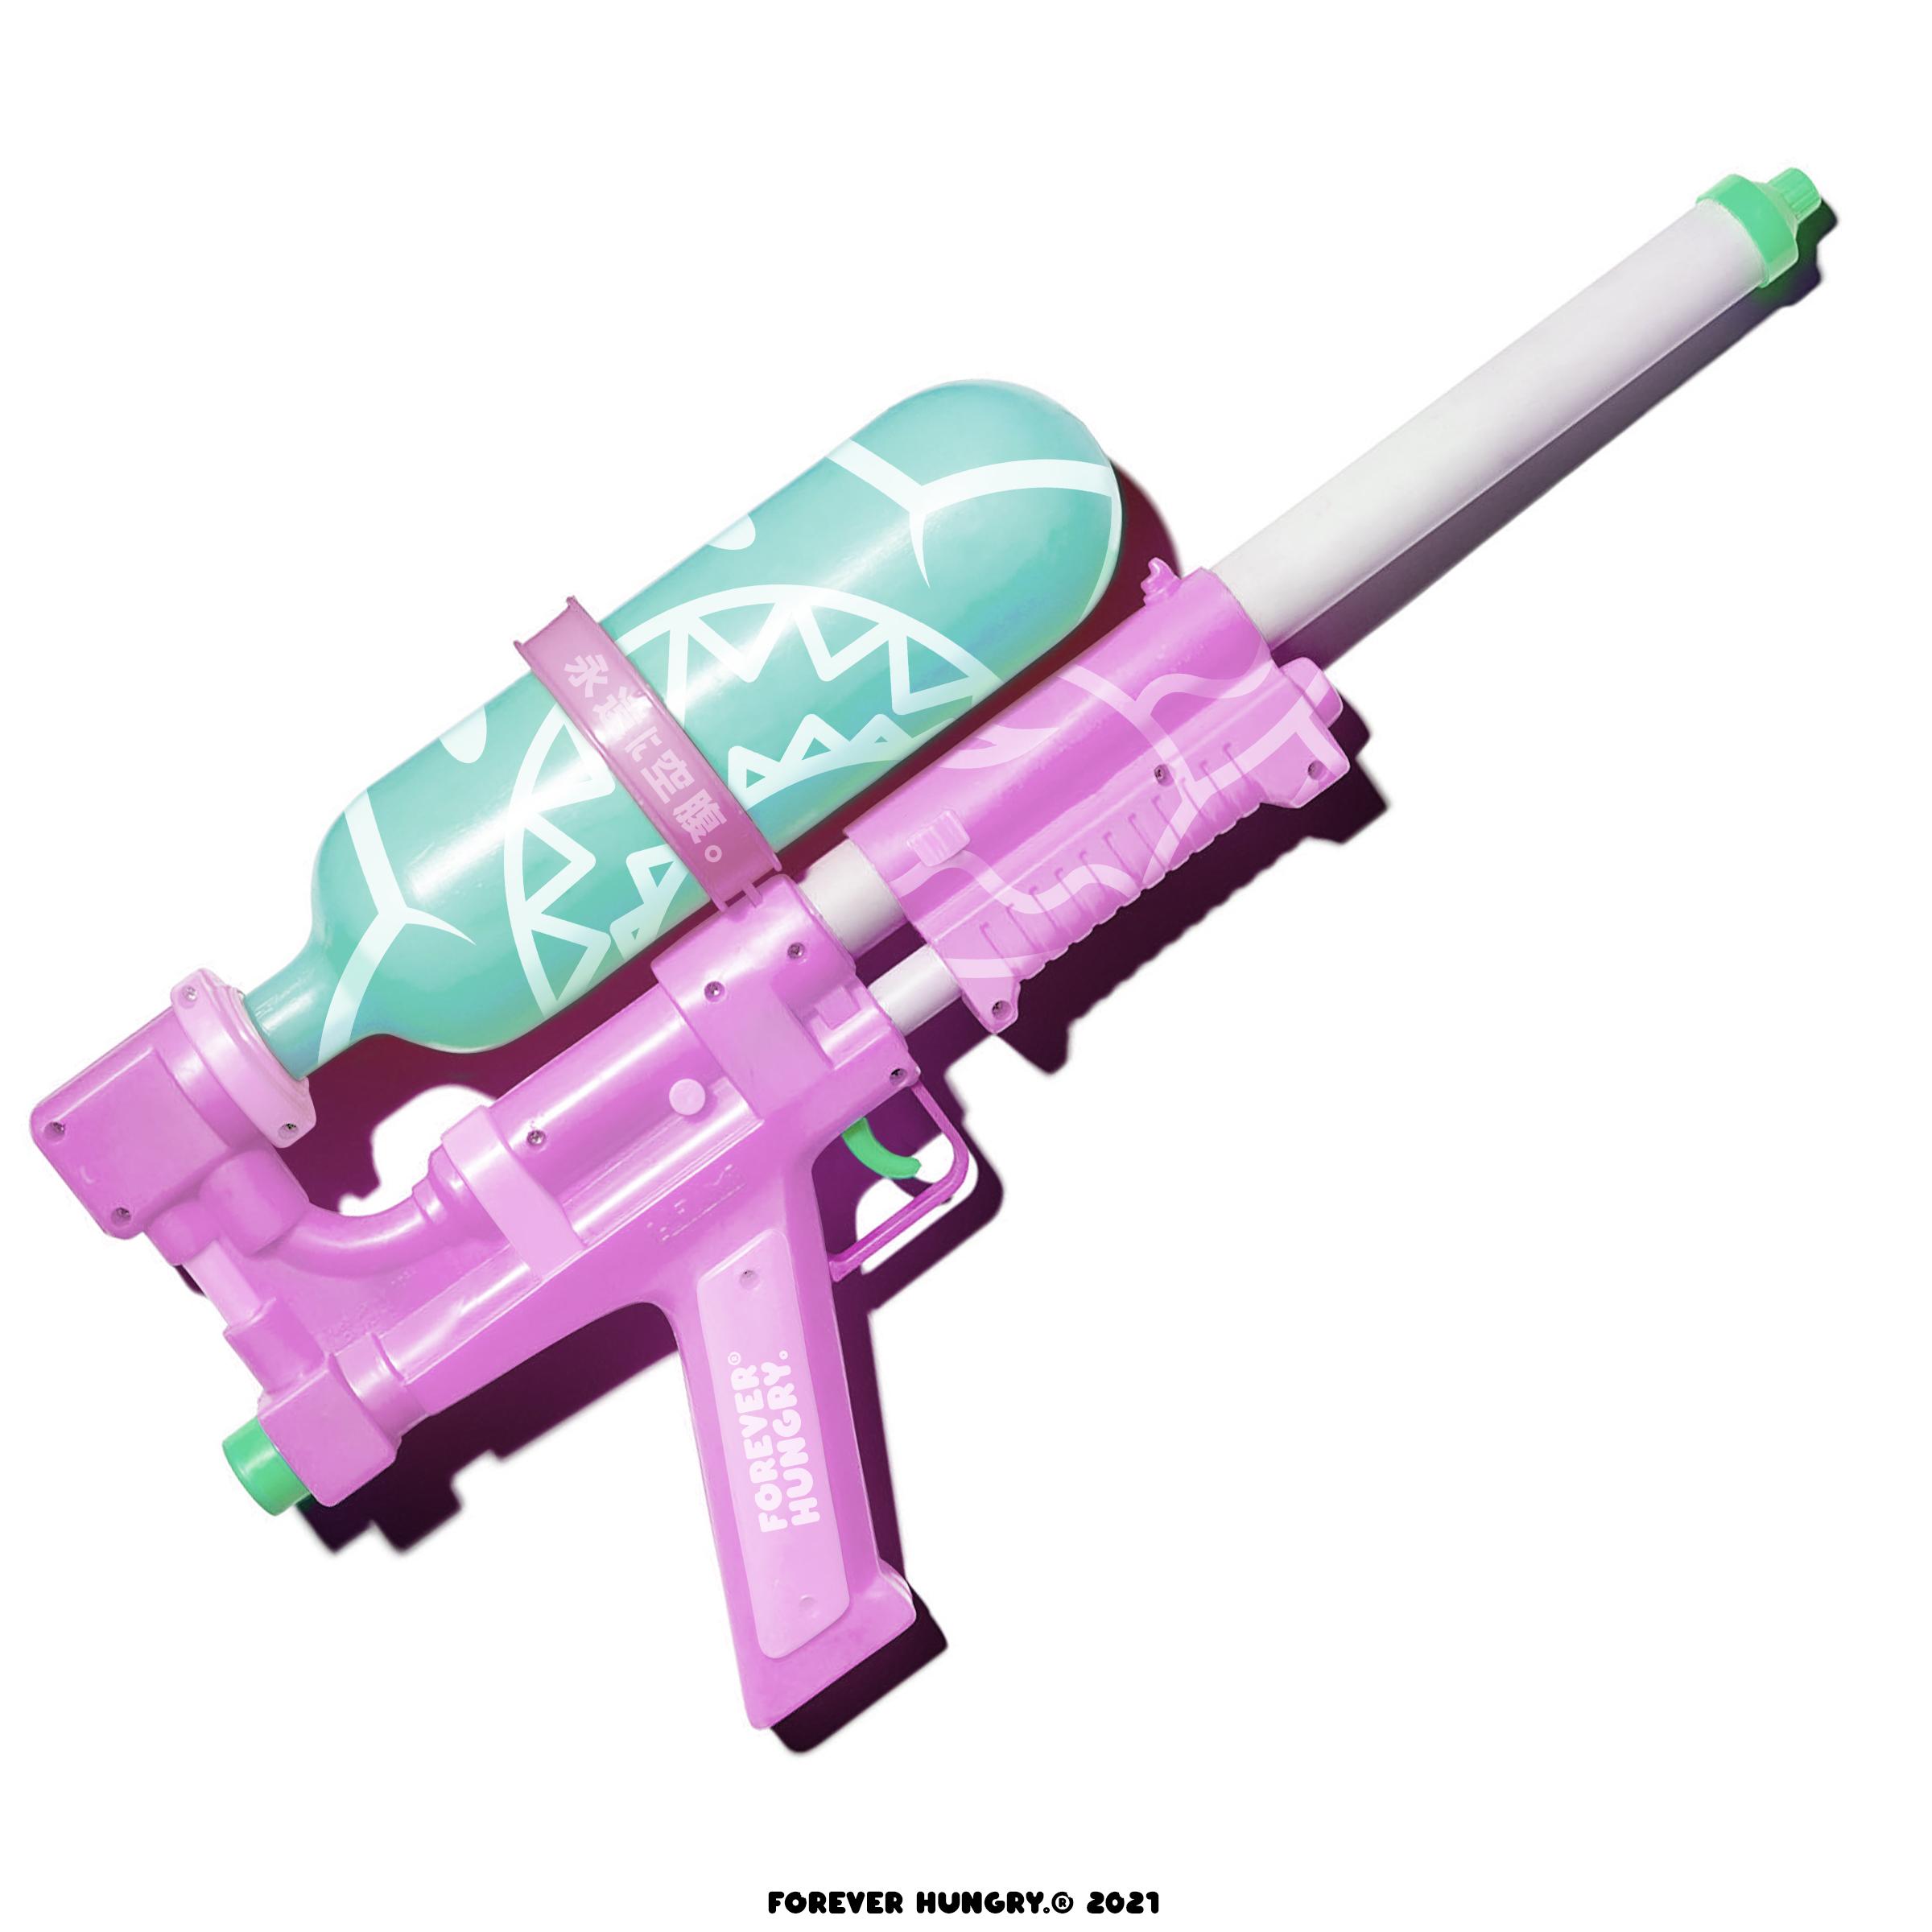 FH SQUIRT GUN